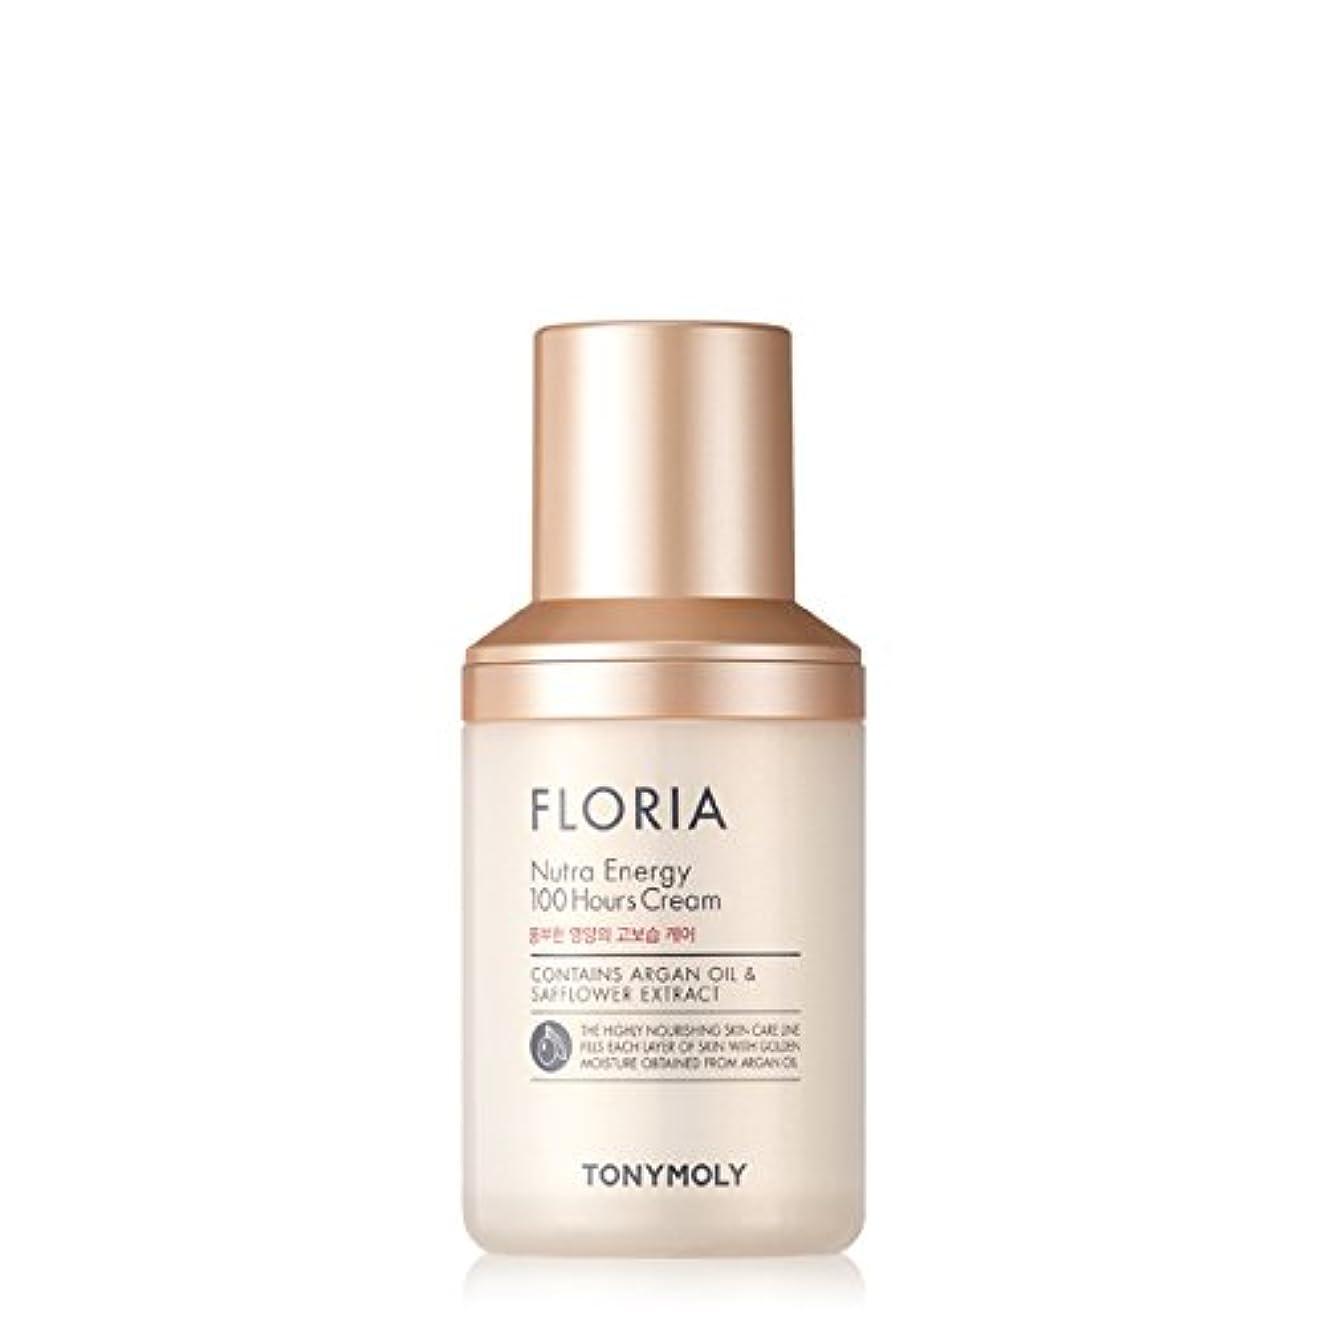 助言指定する復活させる[NEW] TONY MOLY Floria Nutra energy 100 hours Cream 50ml トニーモリー フローリア ニュートラ エナジー 100時間 クリーム 50ml [並行輸入品]